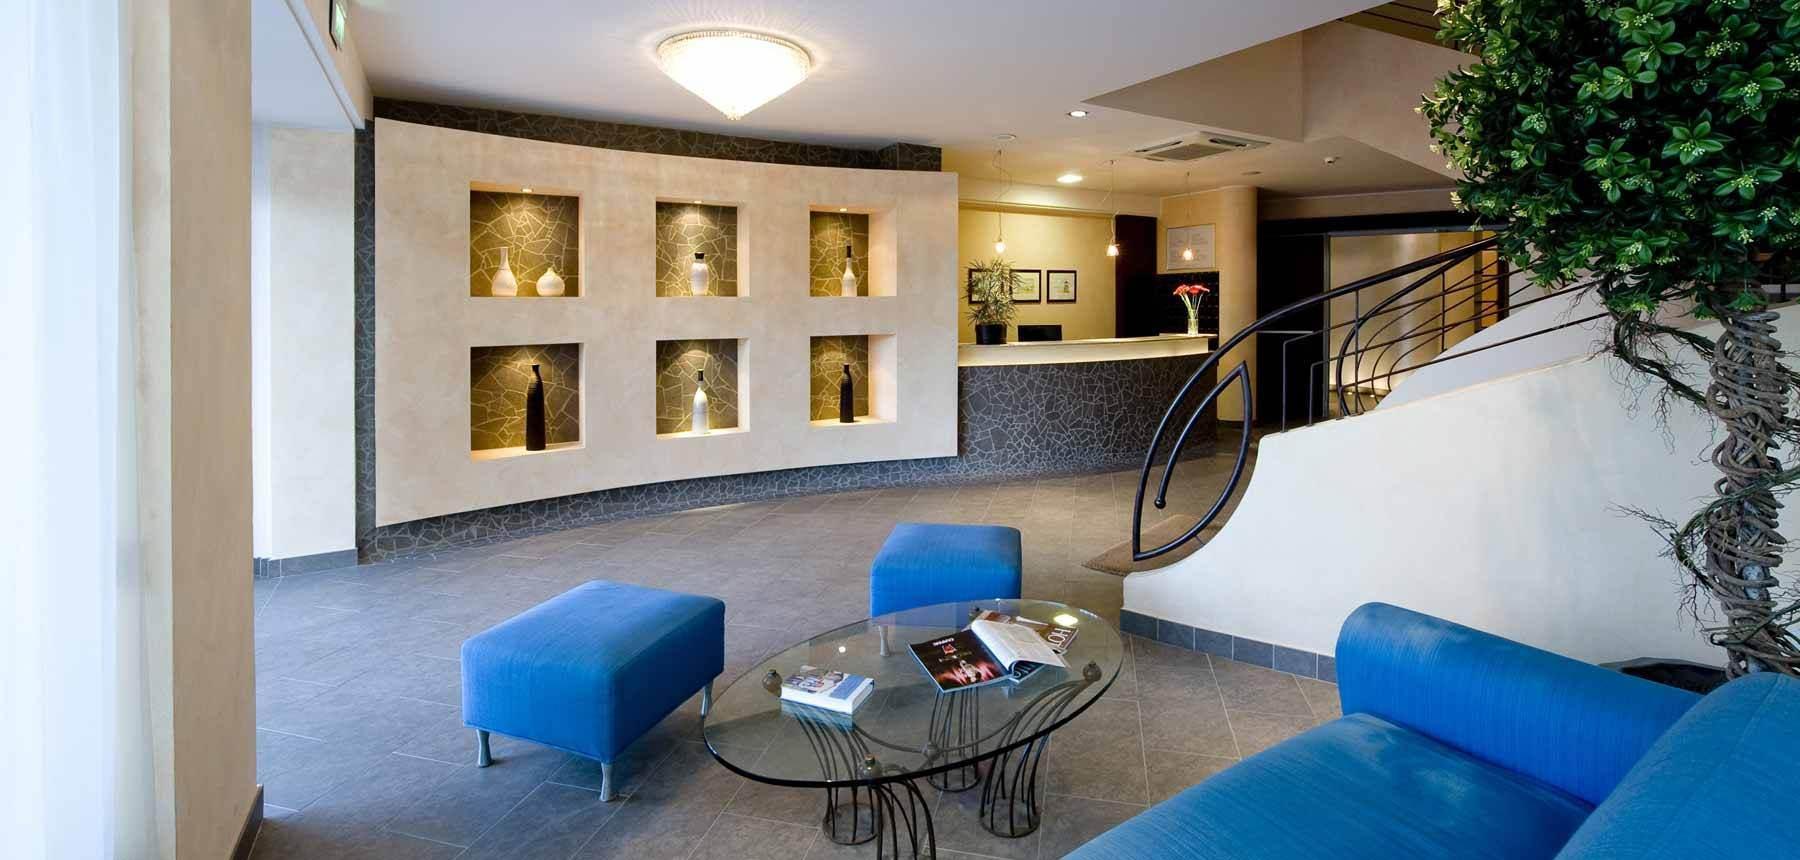 Best soggiorni last minute italia pictures design trends for Design hotel dolomiten italien